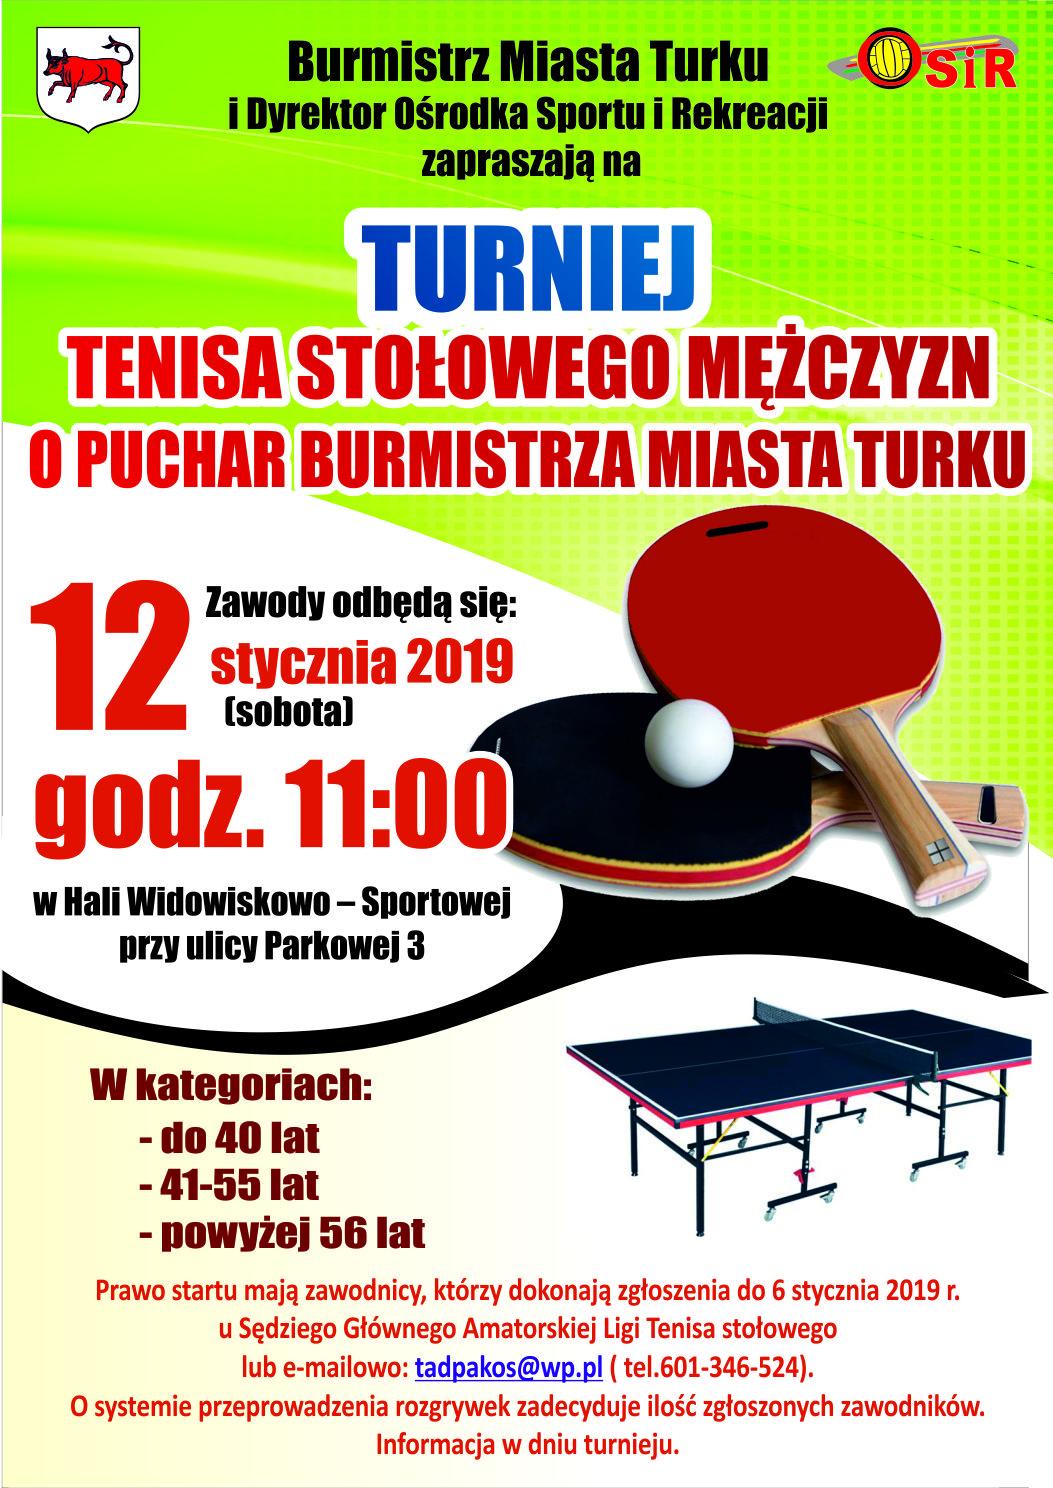 Plakat turnieju Turniej tenisa stołowego Mężczyzn o Puchar Burmistrza Miasta Turku